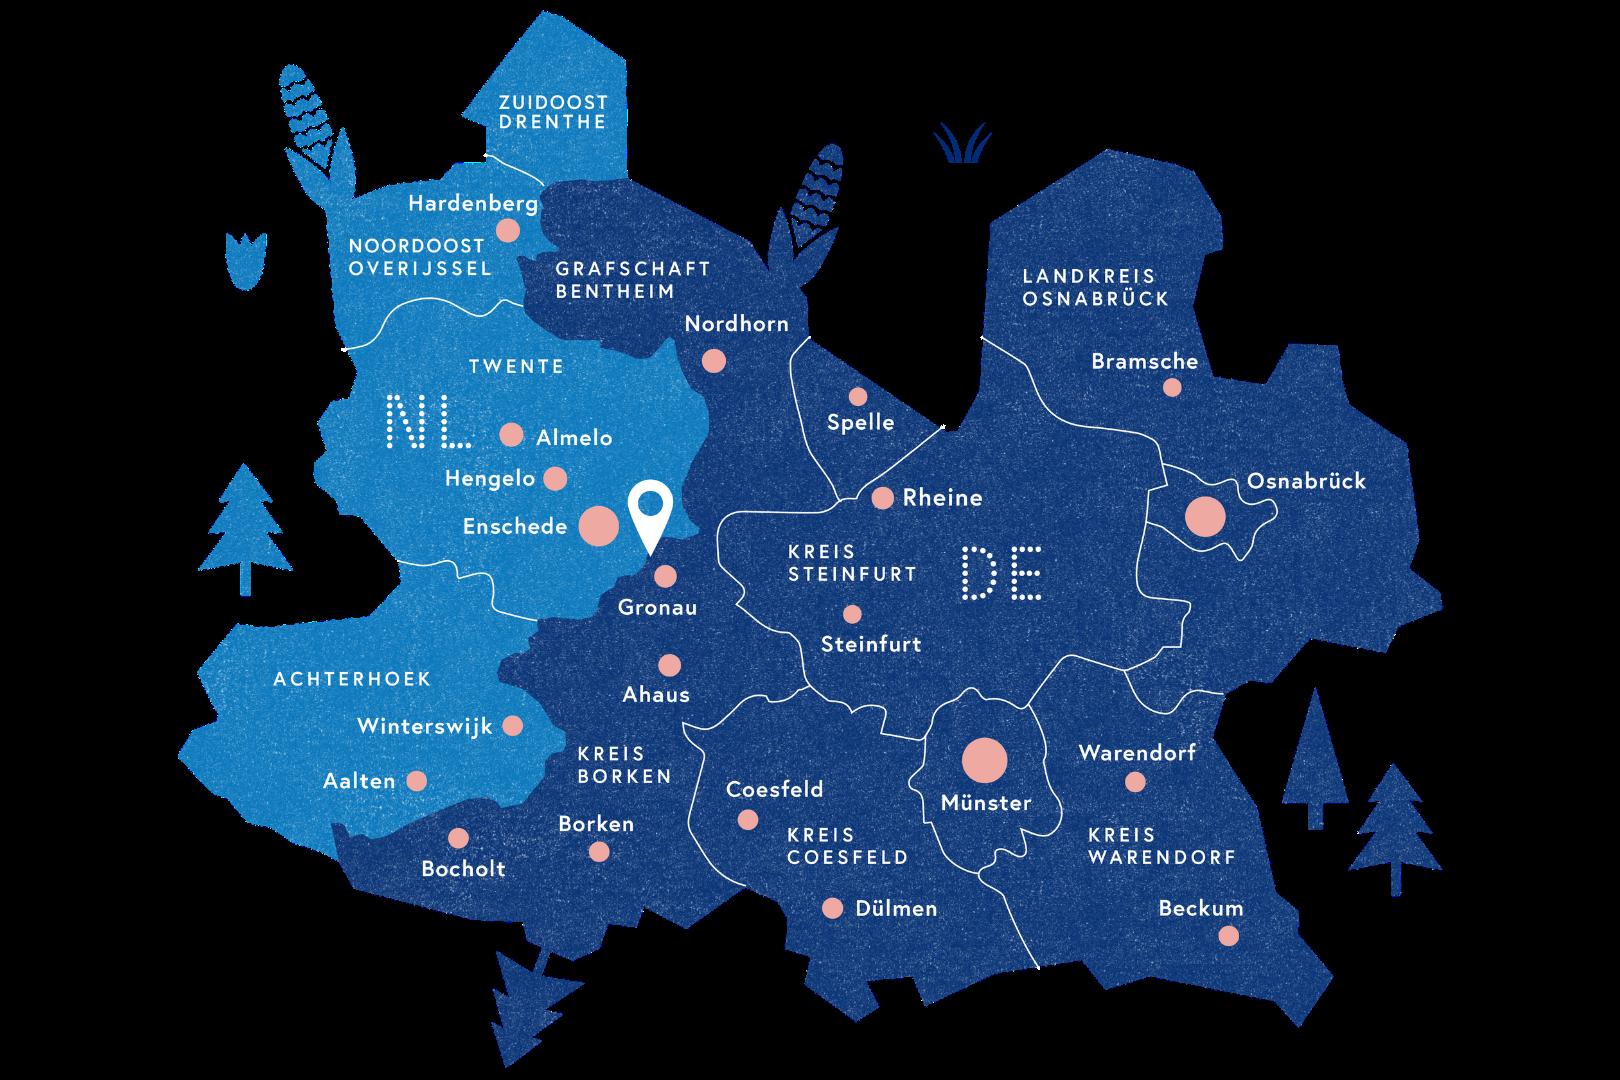 Kaart met alle regio's van de EUREGIO